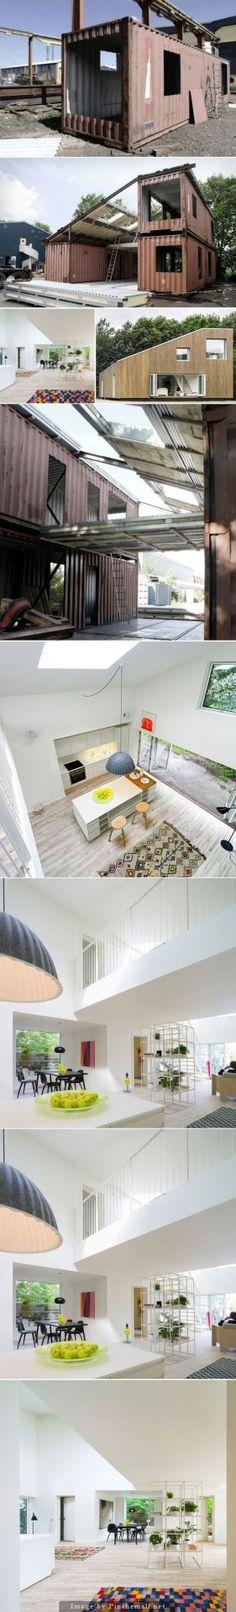 Charlotte Perriand La Maison au Bord de l\'Eau. Rebuilt for Art Basel ...